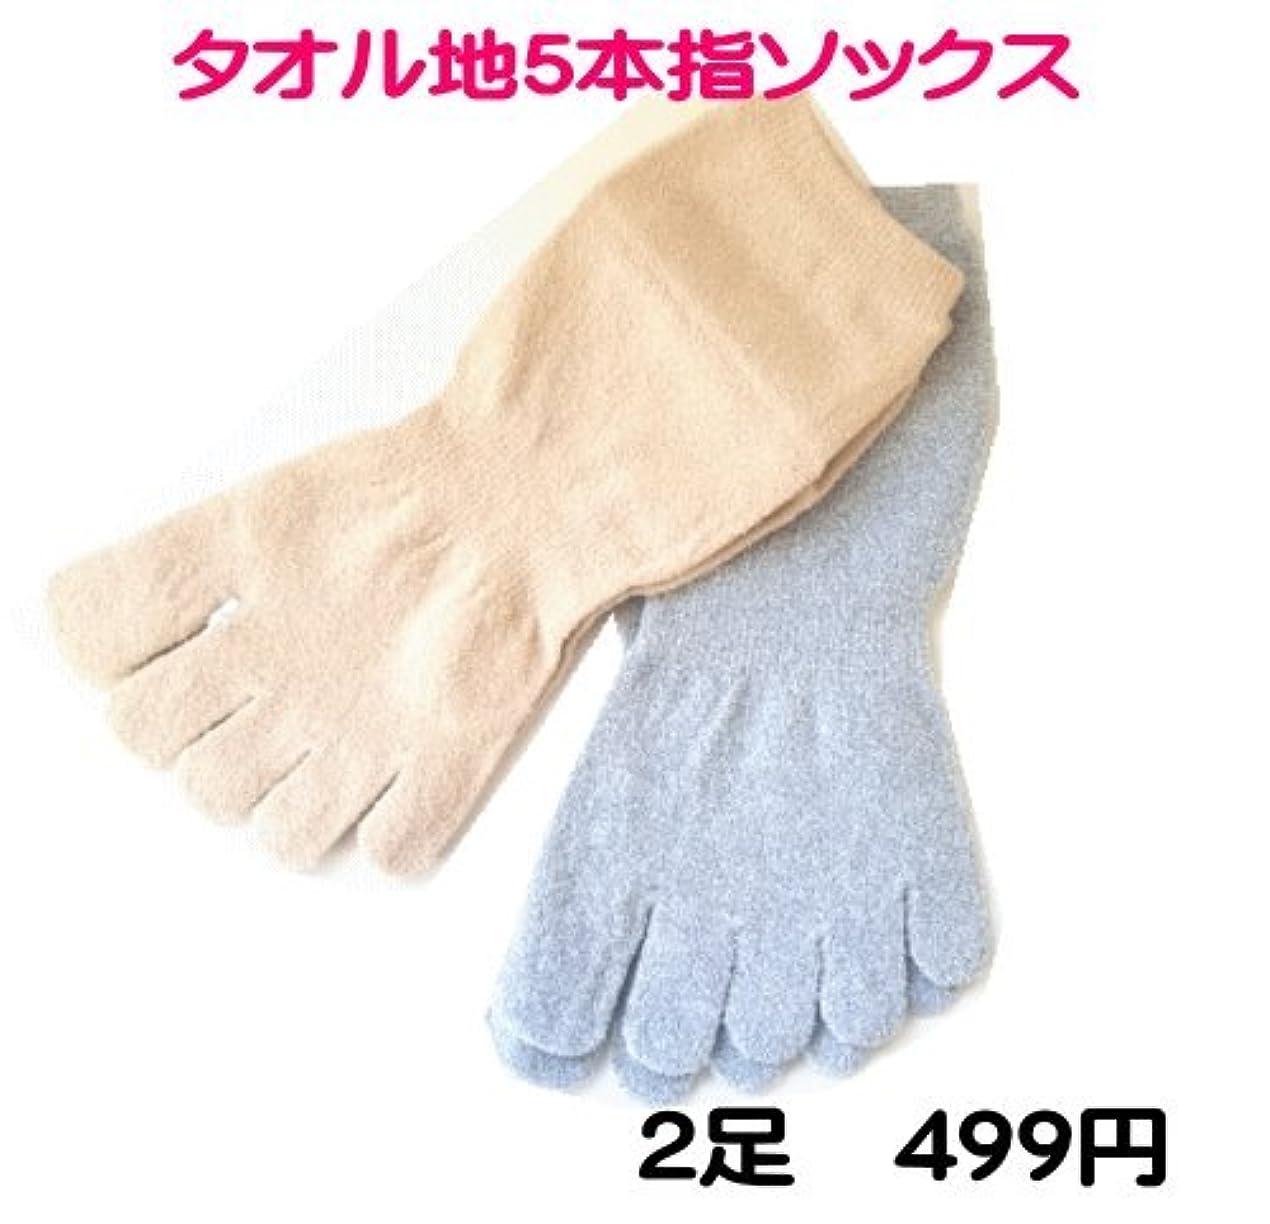 そこ正統派費やす在庫一掃 タオルのような肌触り 5本指 ソックス ショート丈 2足組 太陽ニット